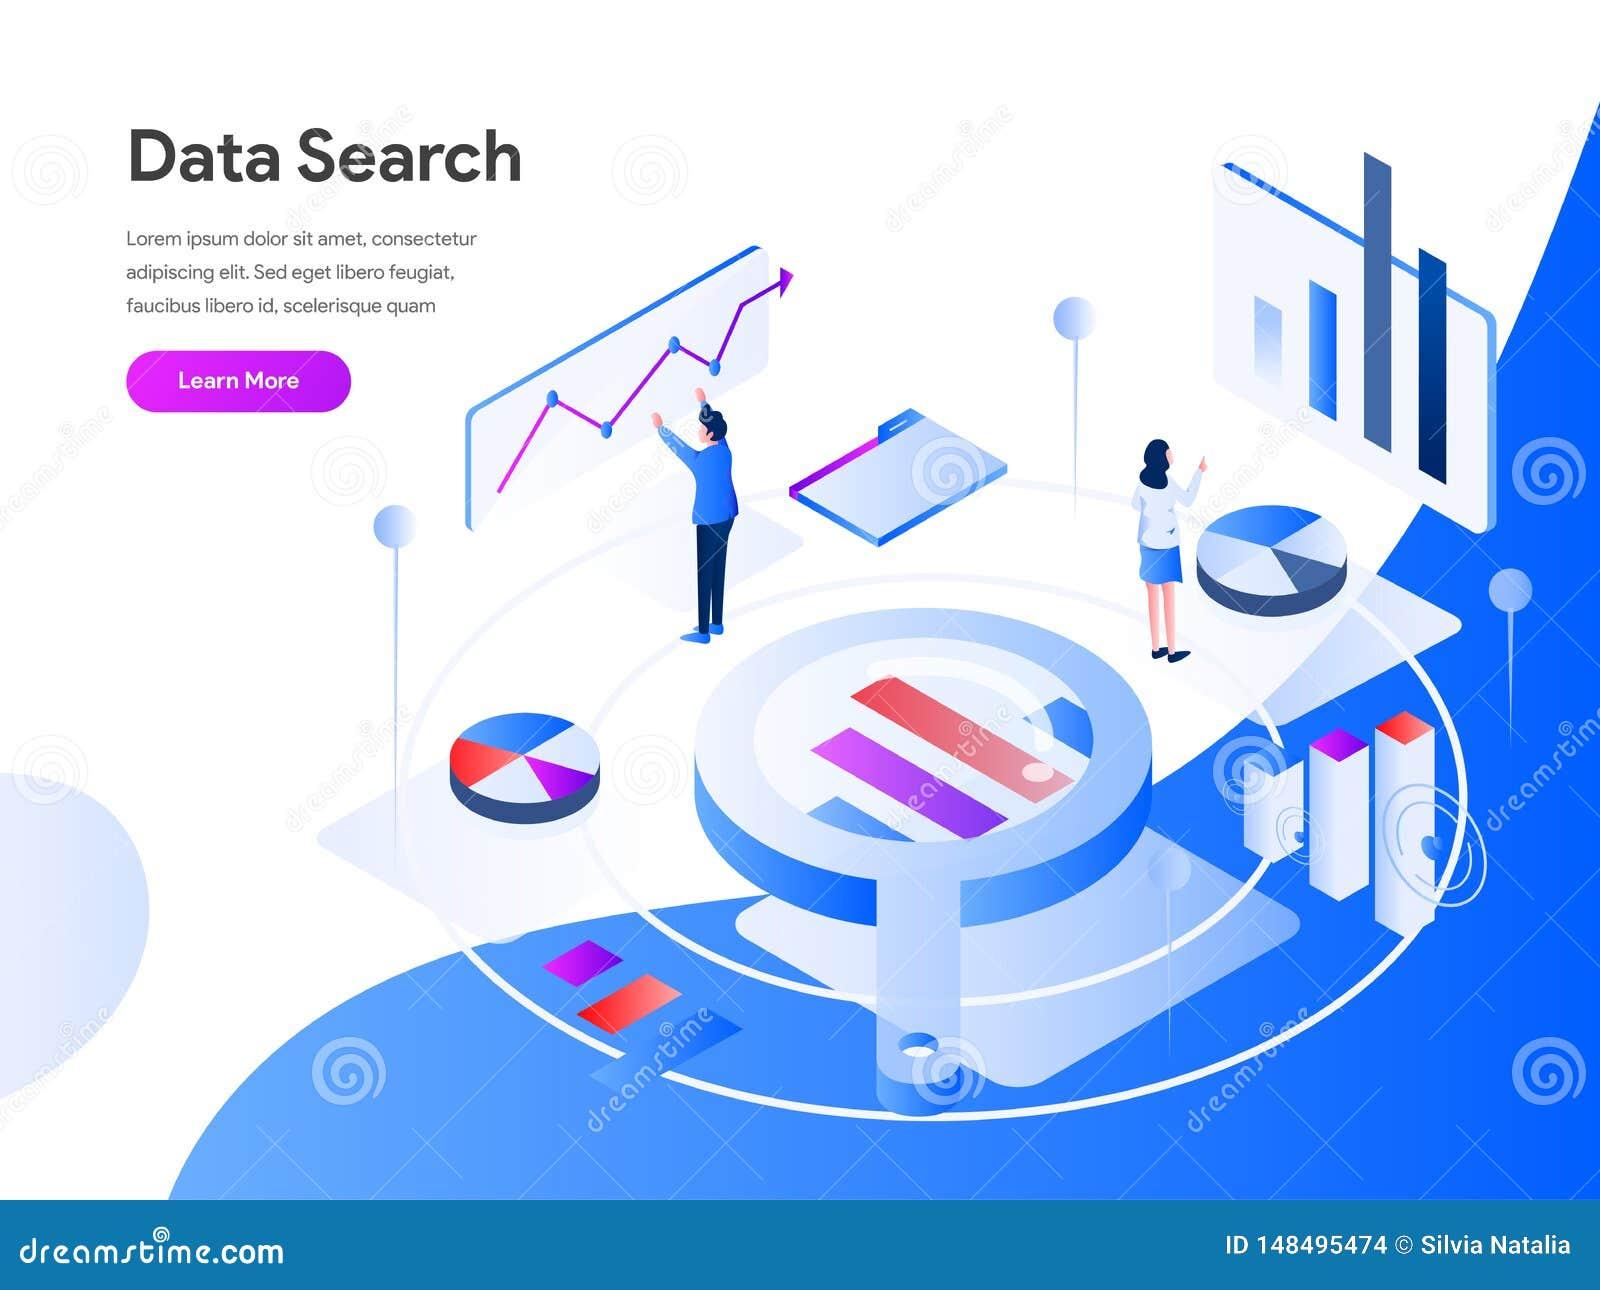 Daten suchen isometrisches Illustrations-Konzept r Vektor